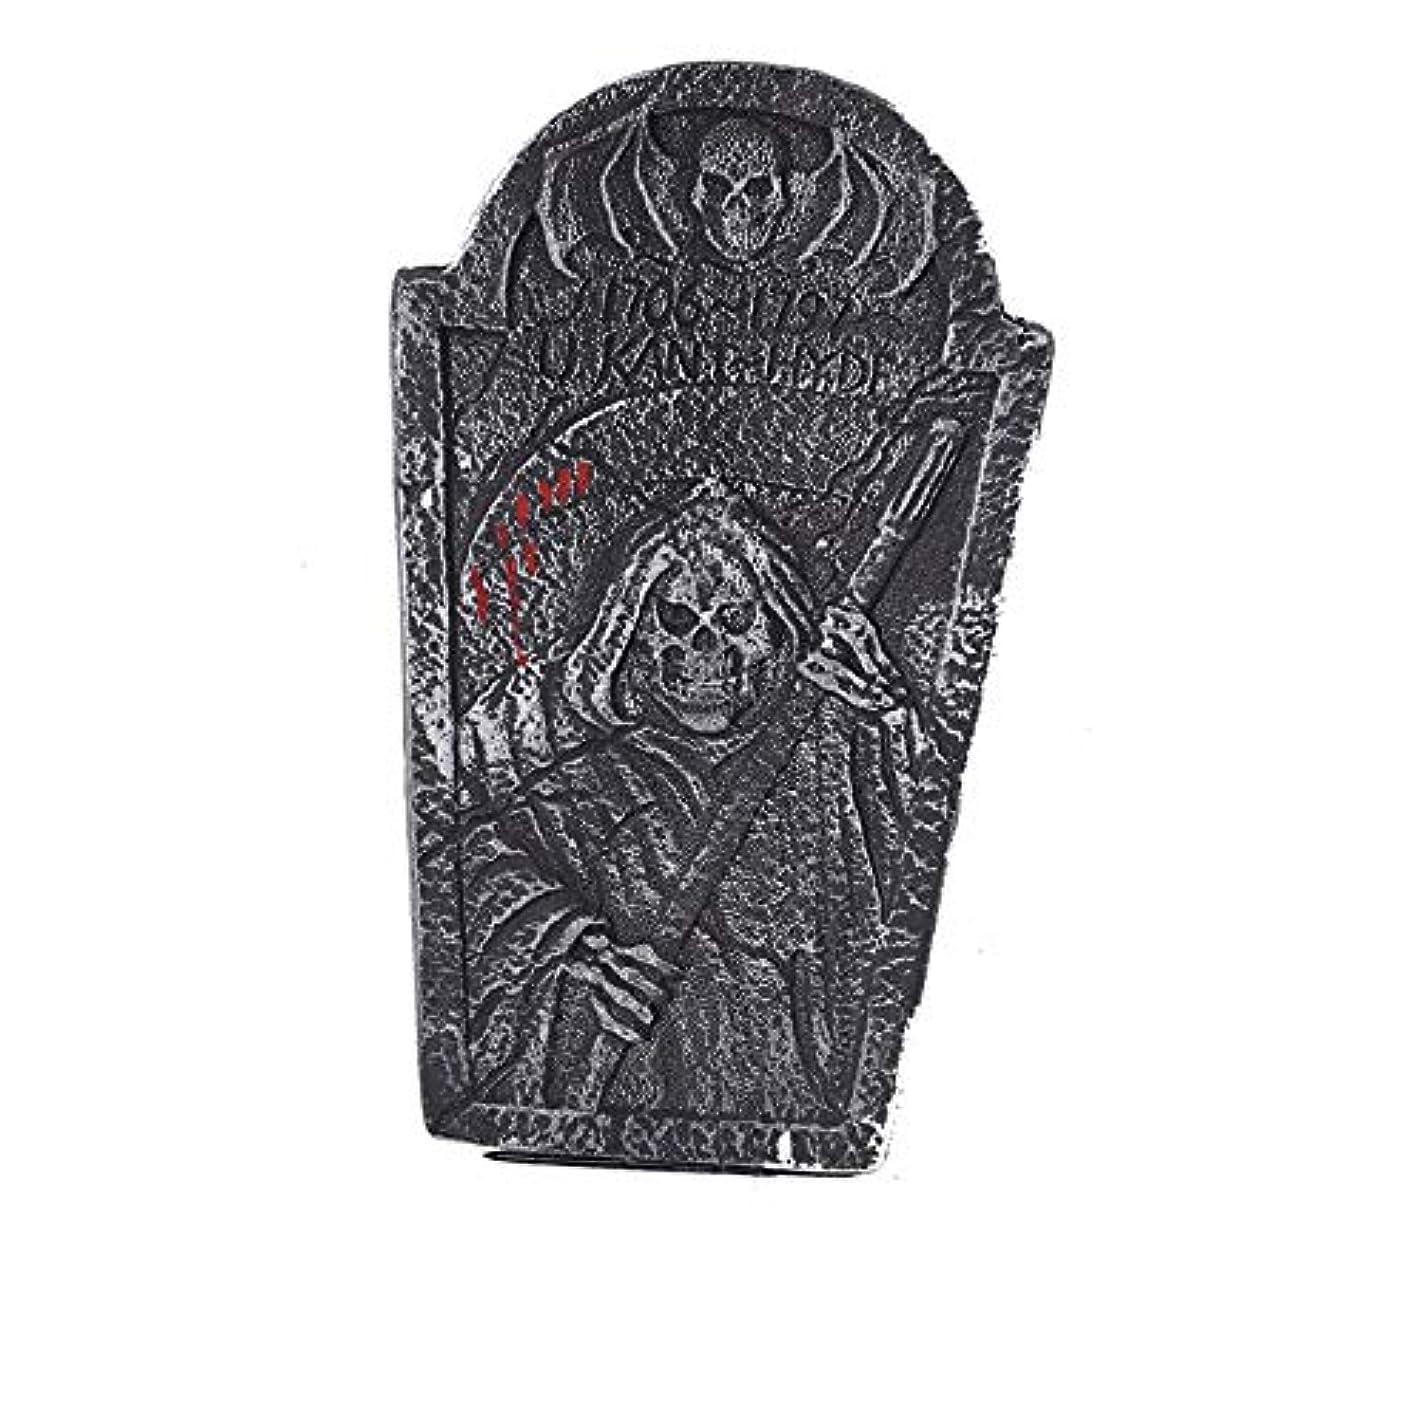 疲れたインセンティブ長くするETRRUU HOME ハロウィーン墓石お化け屋敷バー装飾秘密の部屋タトゥーショップホラースカル装飾写真の小道具